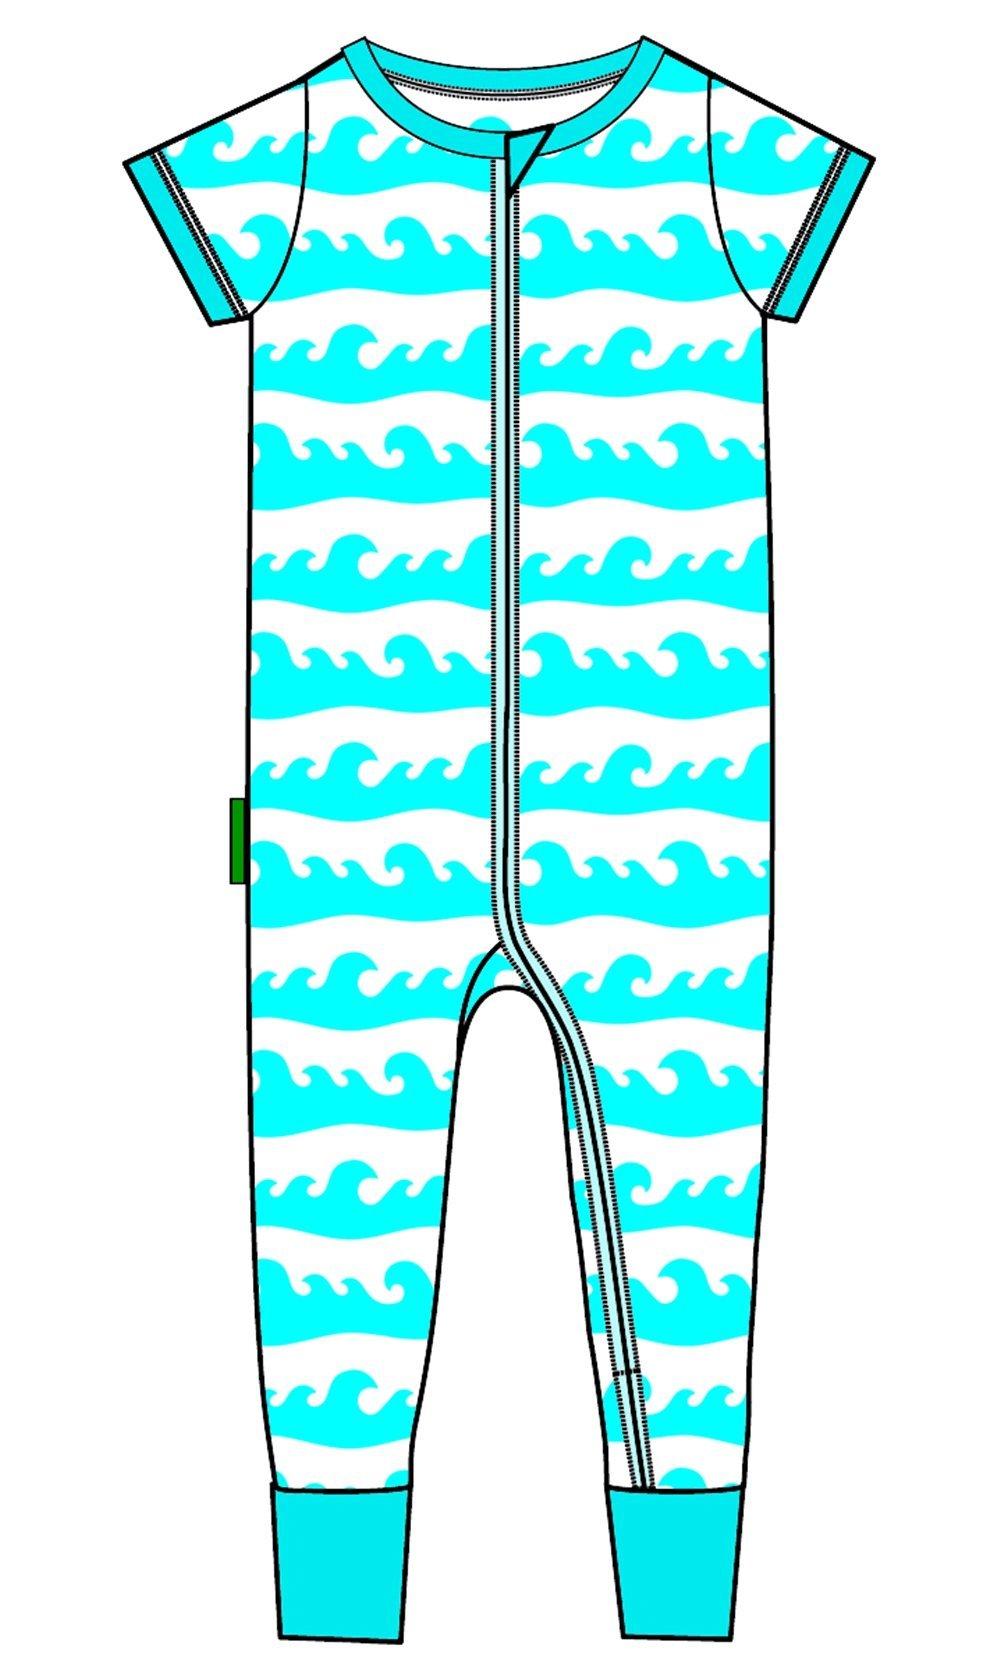 19568c276bd6 Parade Organics Signature  2 Way  Zipper Romper Short Sleeve ...